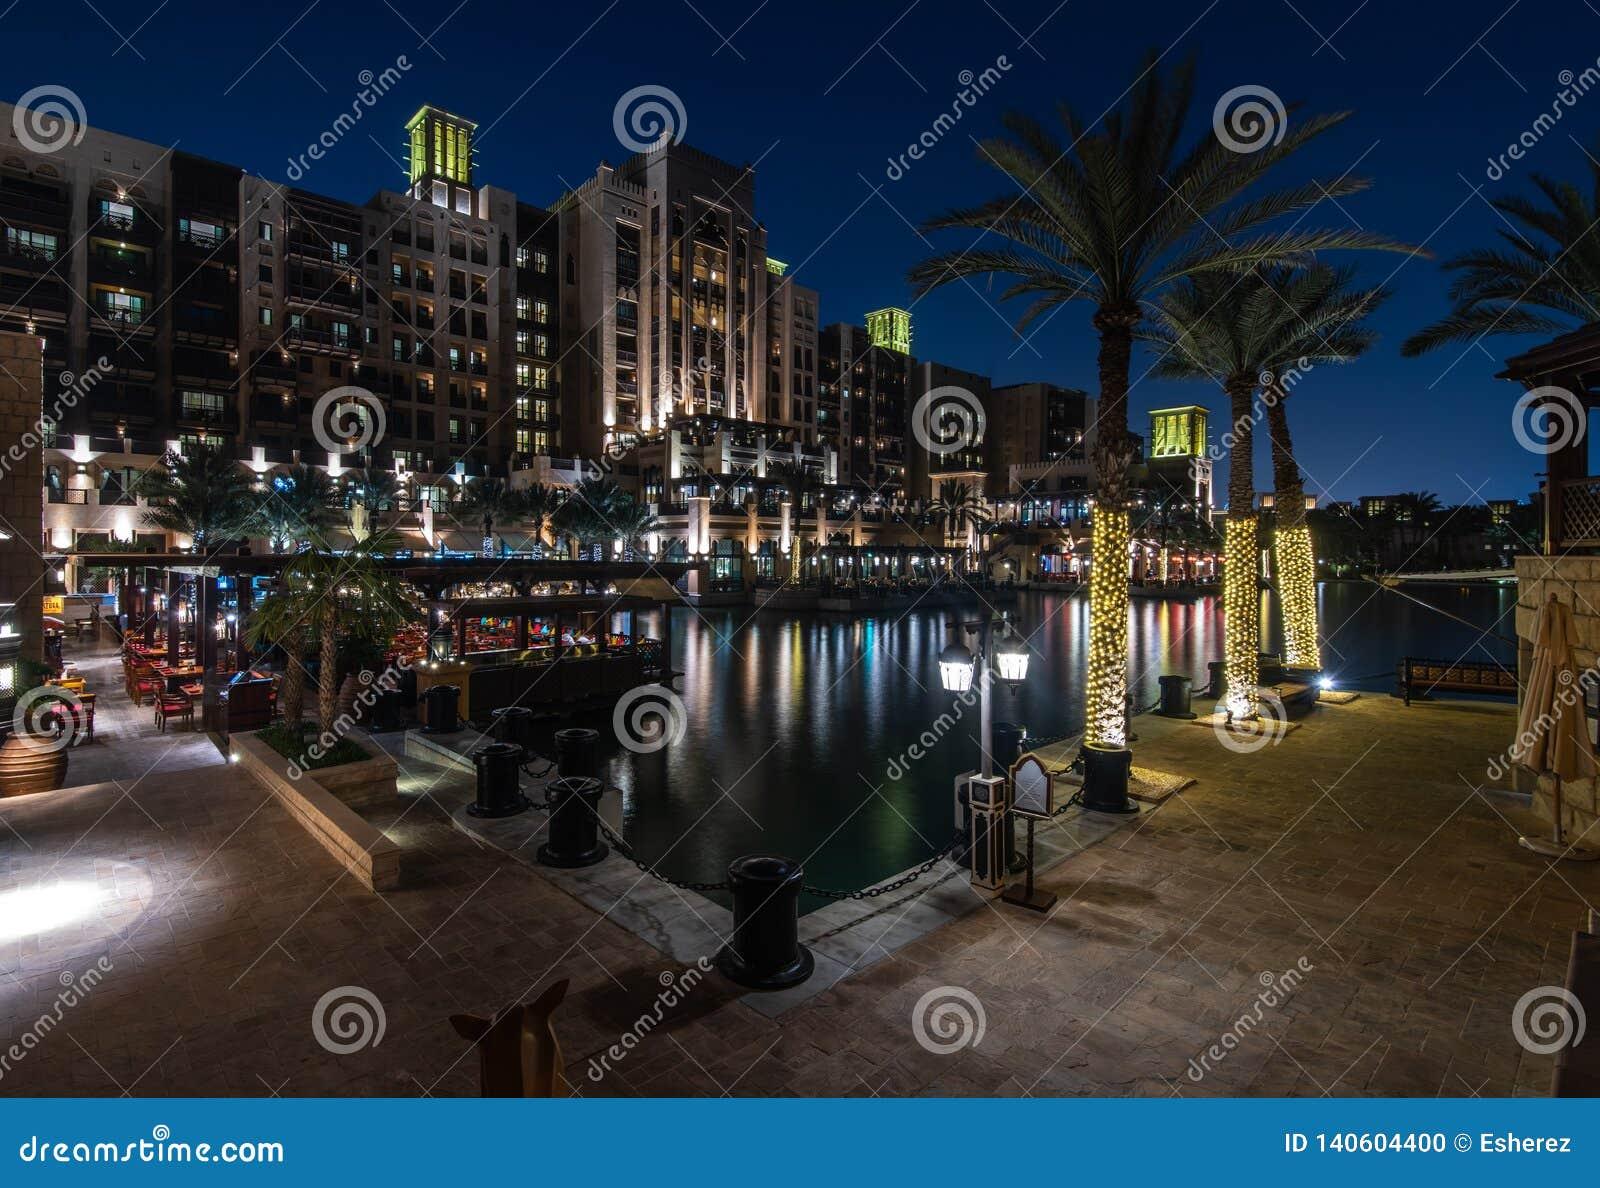 麦纳ASalam Madinat卓美亚奢华酒店集团旅馆在晚上